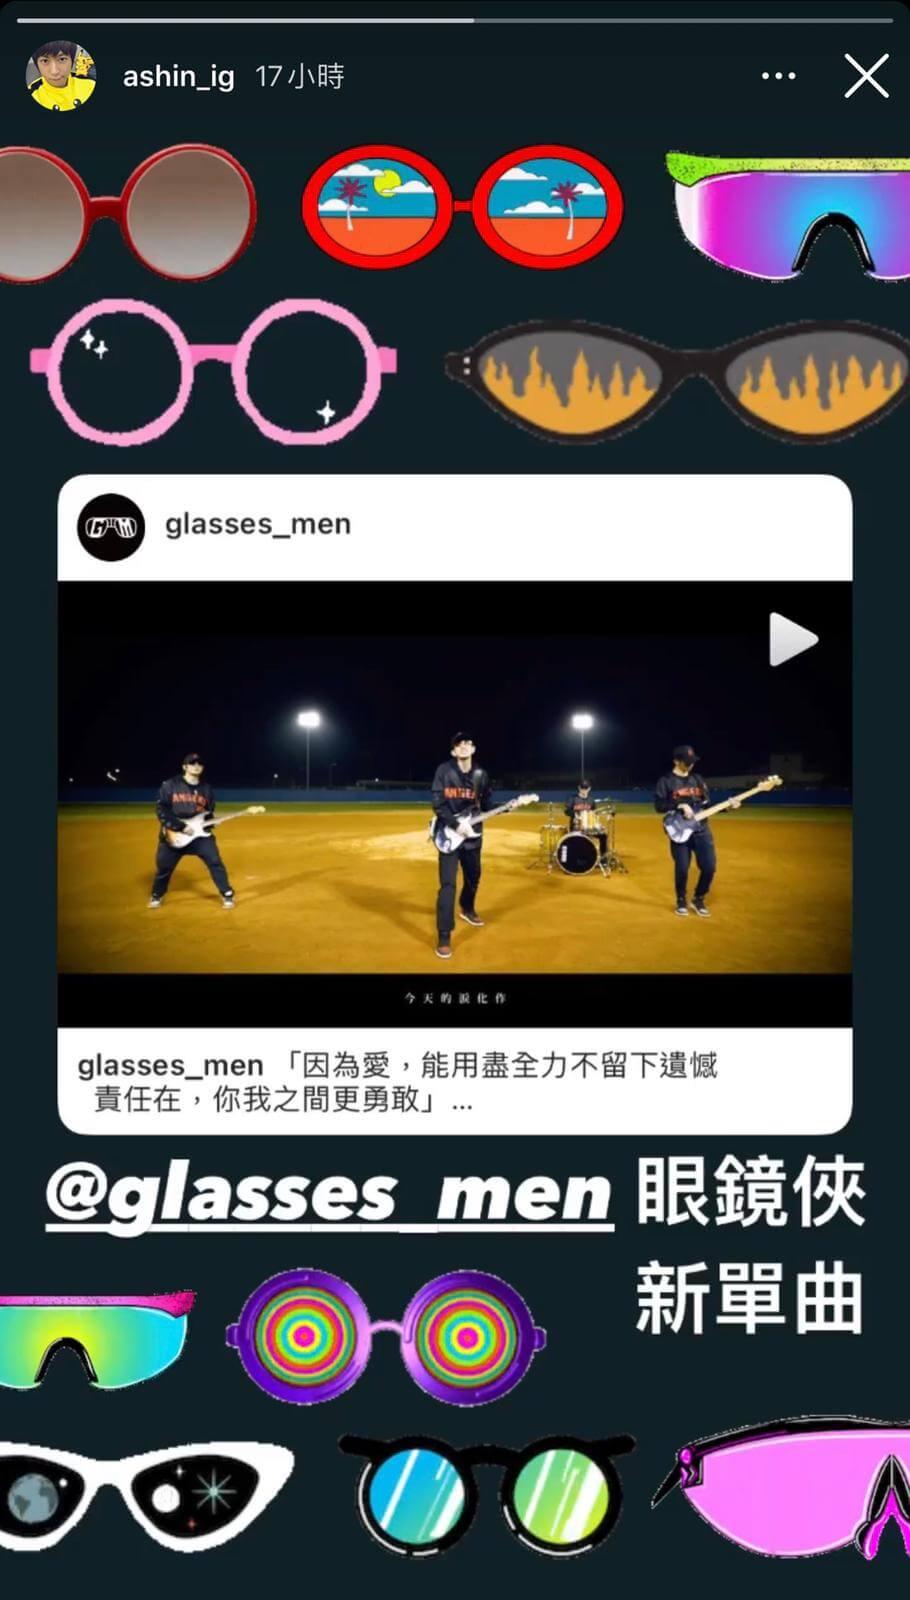 五月天阿信力挺 樂團「眼鏡俠」感動:實在太夠意思了!